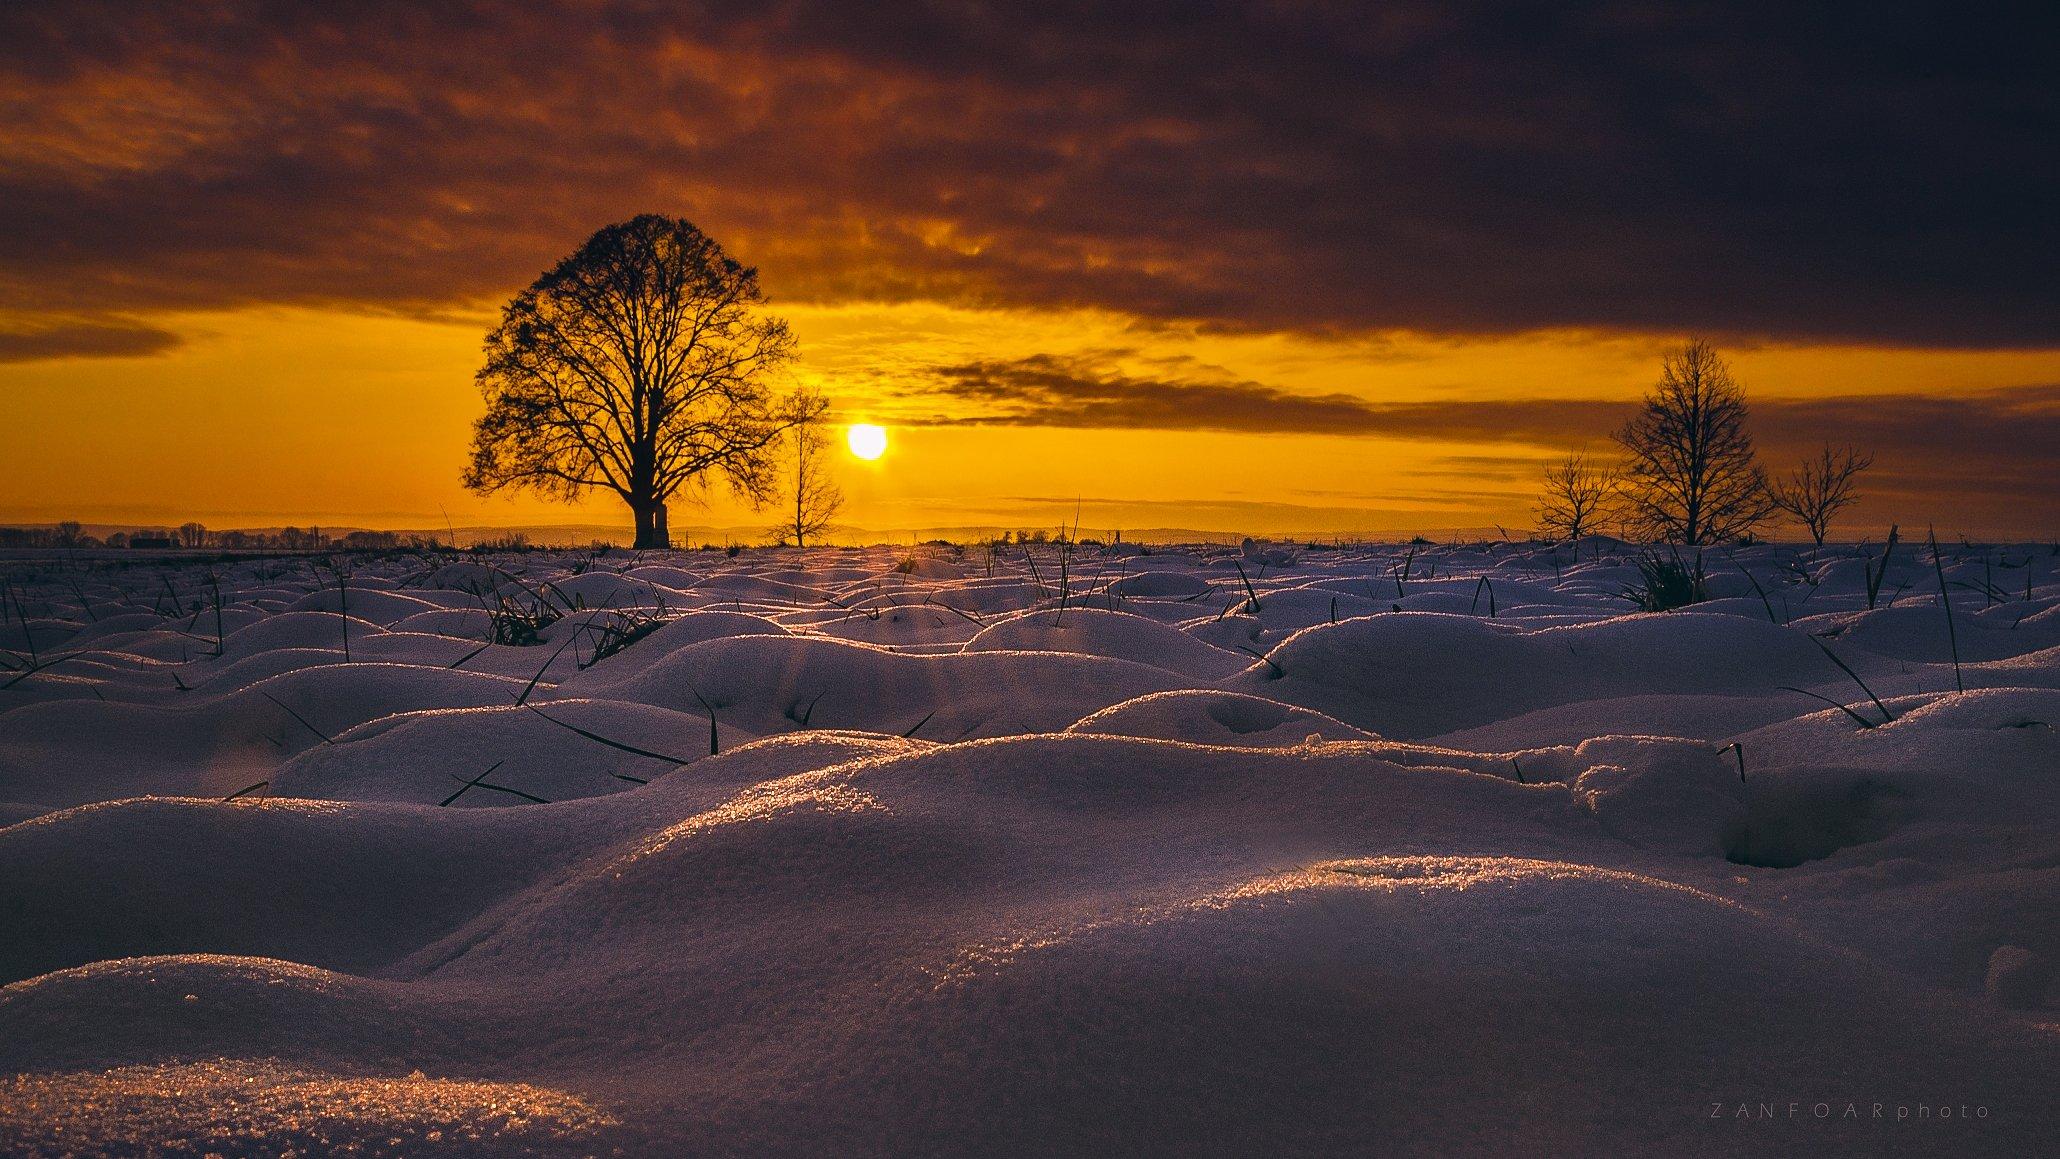 солитер,дерево, пейзаж, снег, солнце, пузыри, свечение, лучи, zanfoar, чешская республика, никон,, Zanfoar